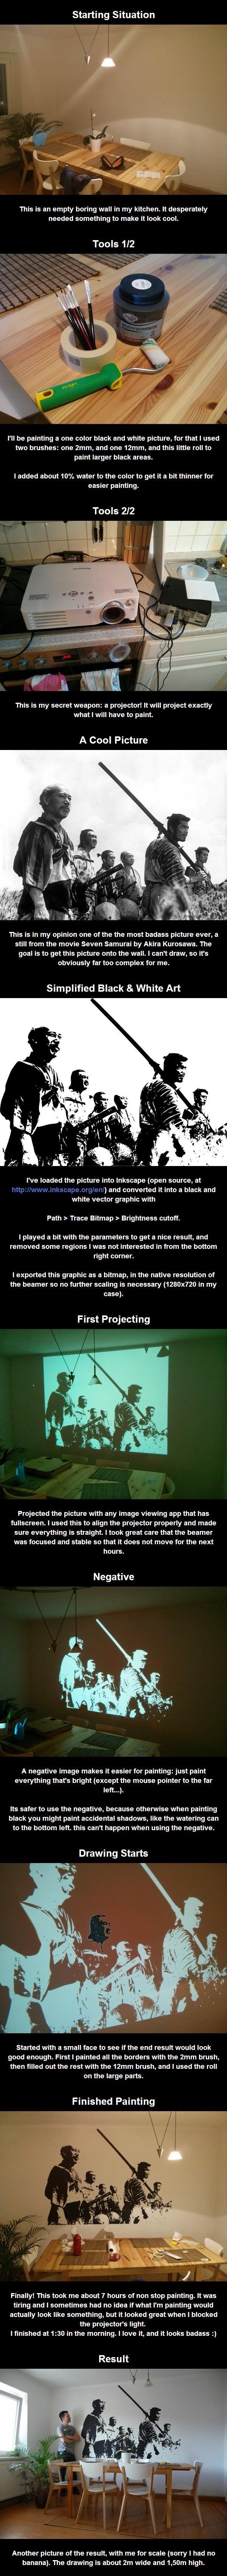 Malowanie Projektorem